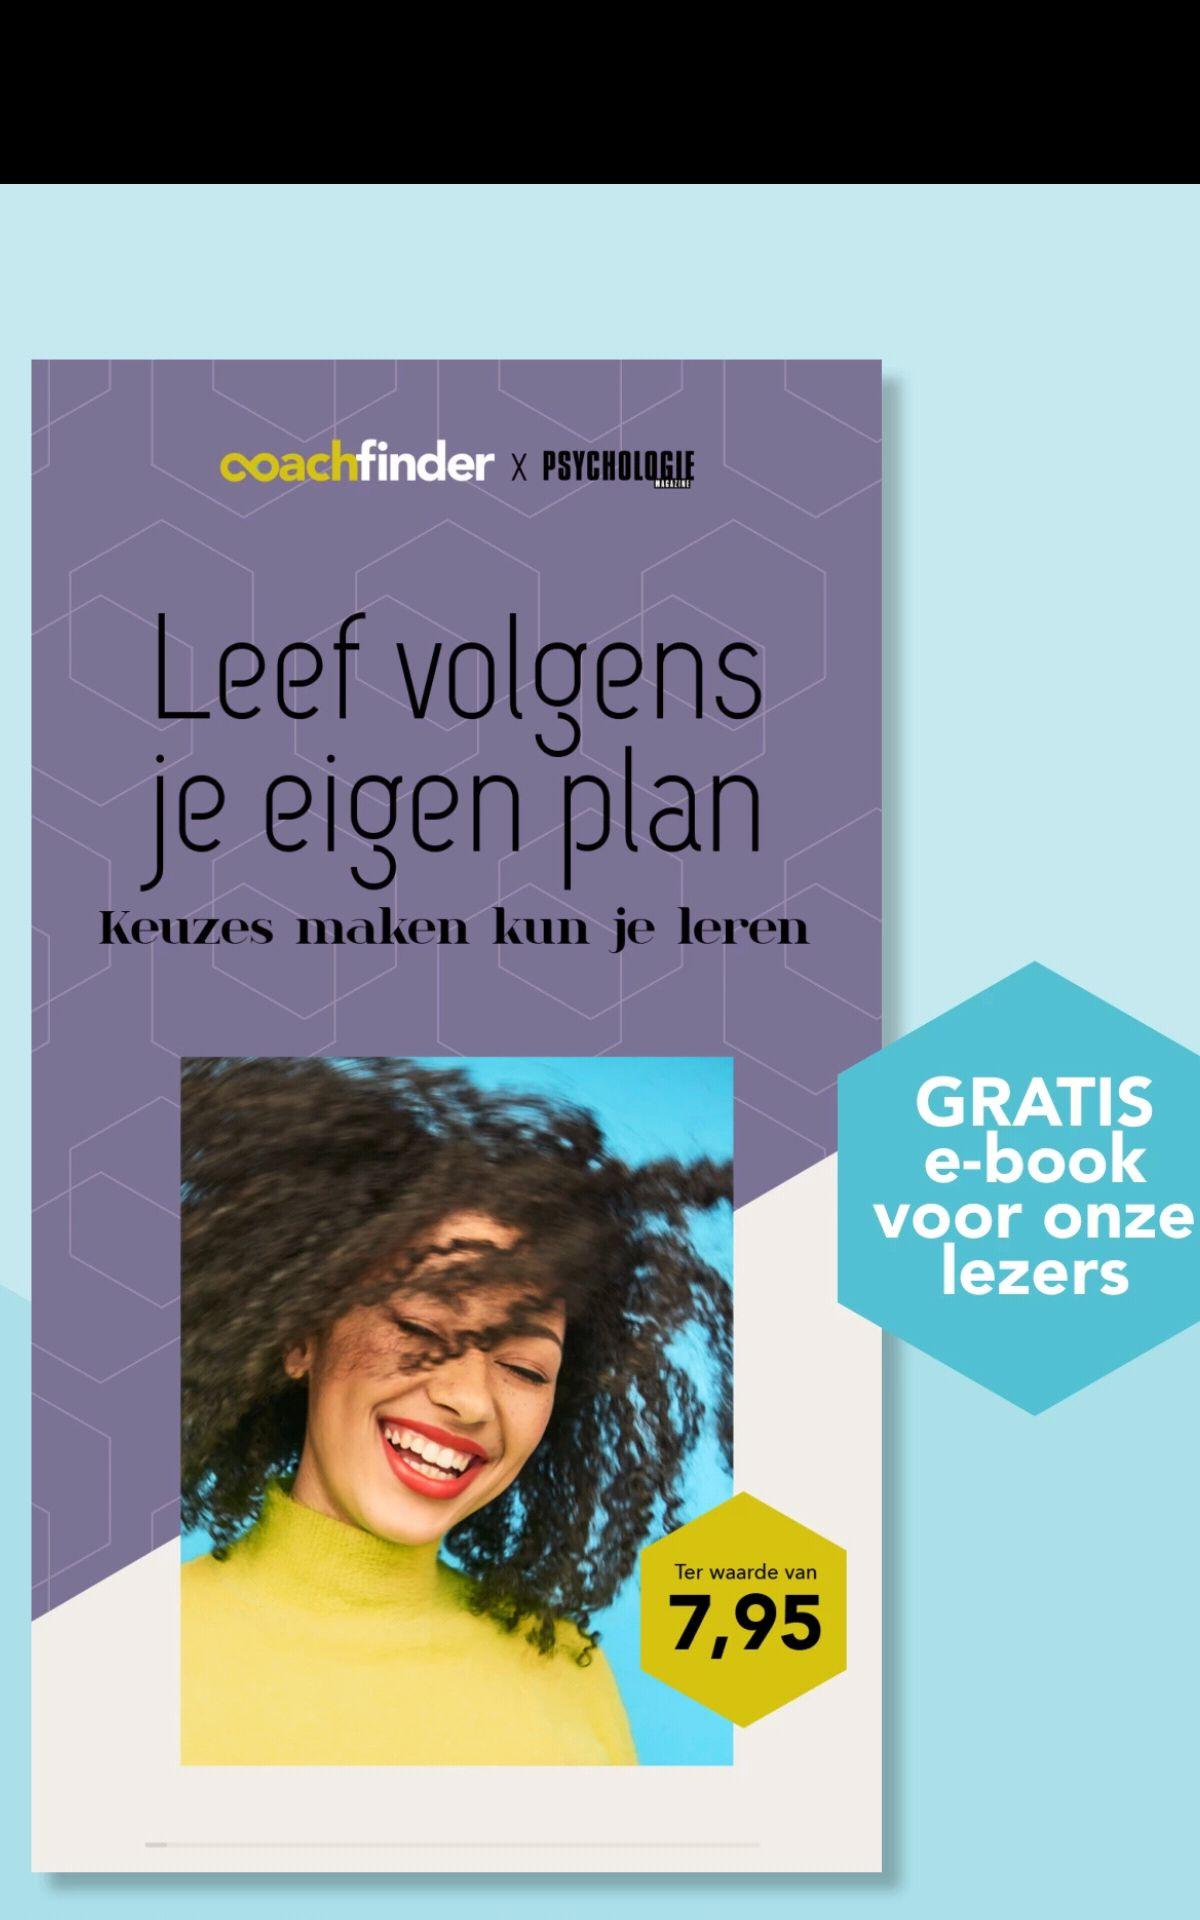 Gratis zelfhulp Lifecoaching e-book: Leef volgens je eigen plan